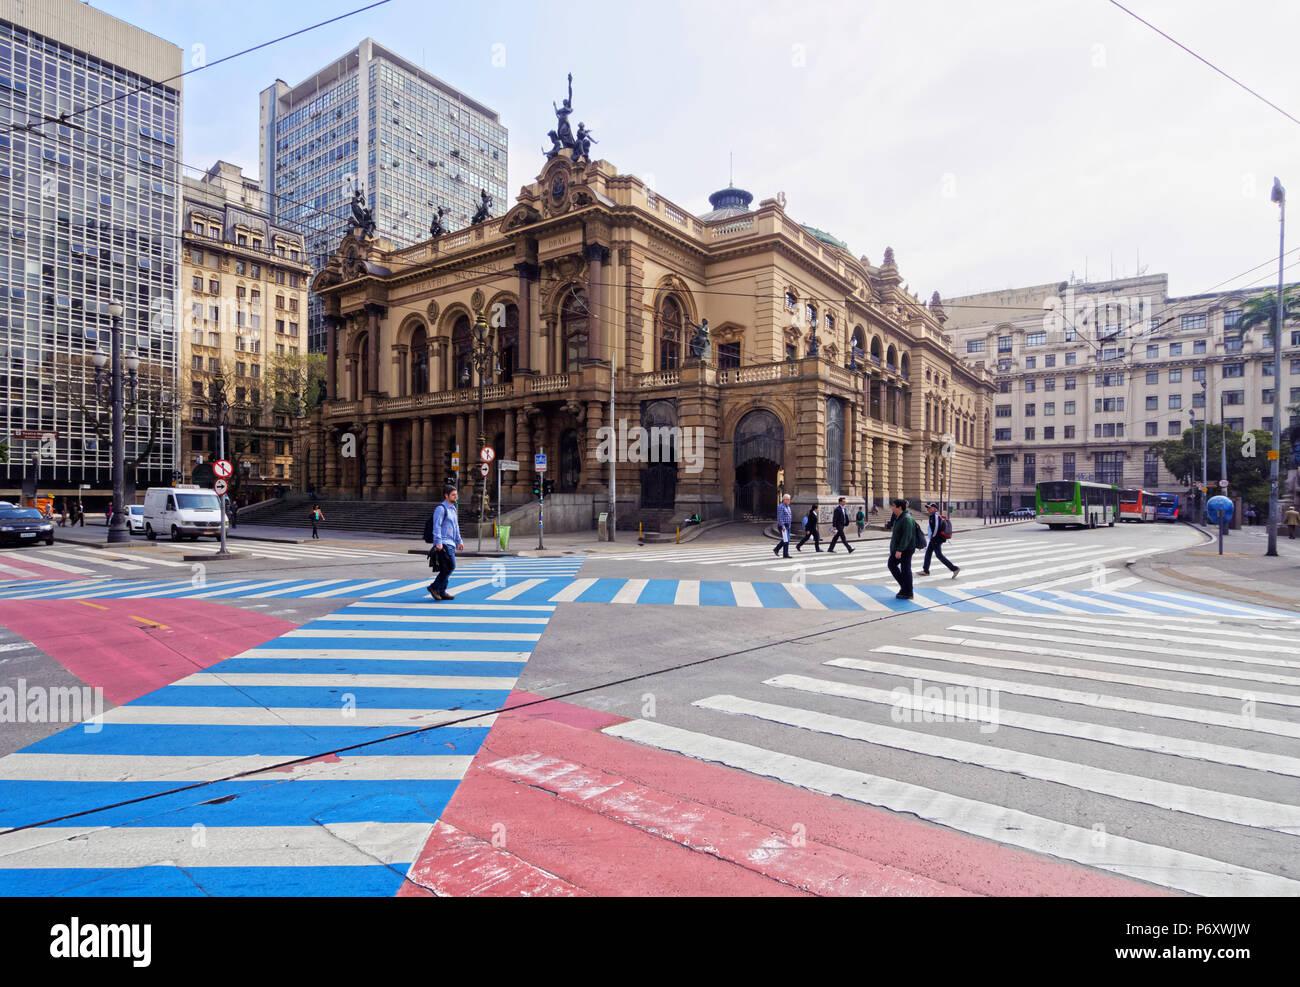 Brasil, Estado de Sao Paulo, Ciudad de São Paulo, vista del Teatro Municipal en el cruce de viaduto do Chá, Rua Xavier de Toledo y Praça Ramos de Azevedo. Imagen De Stock